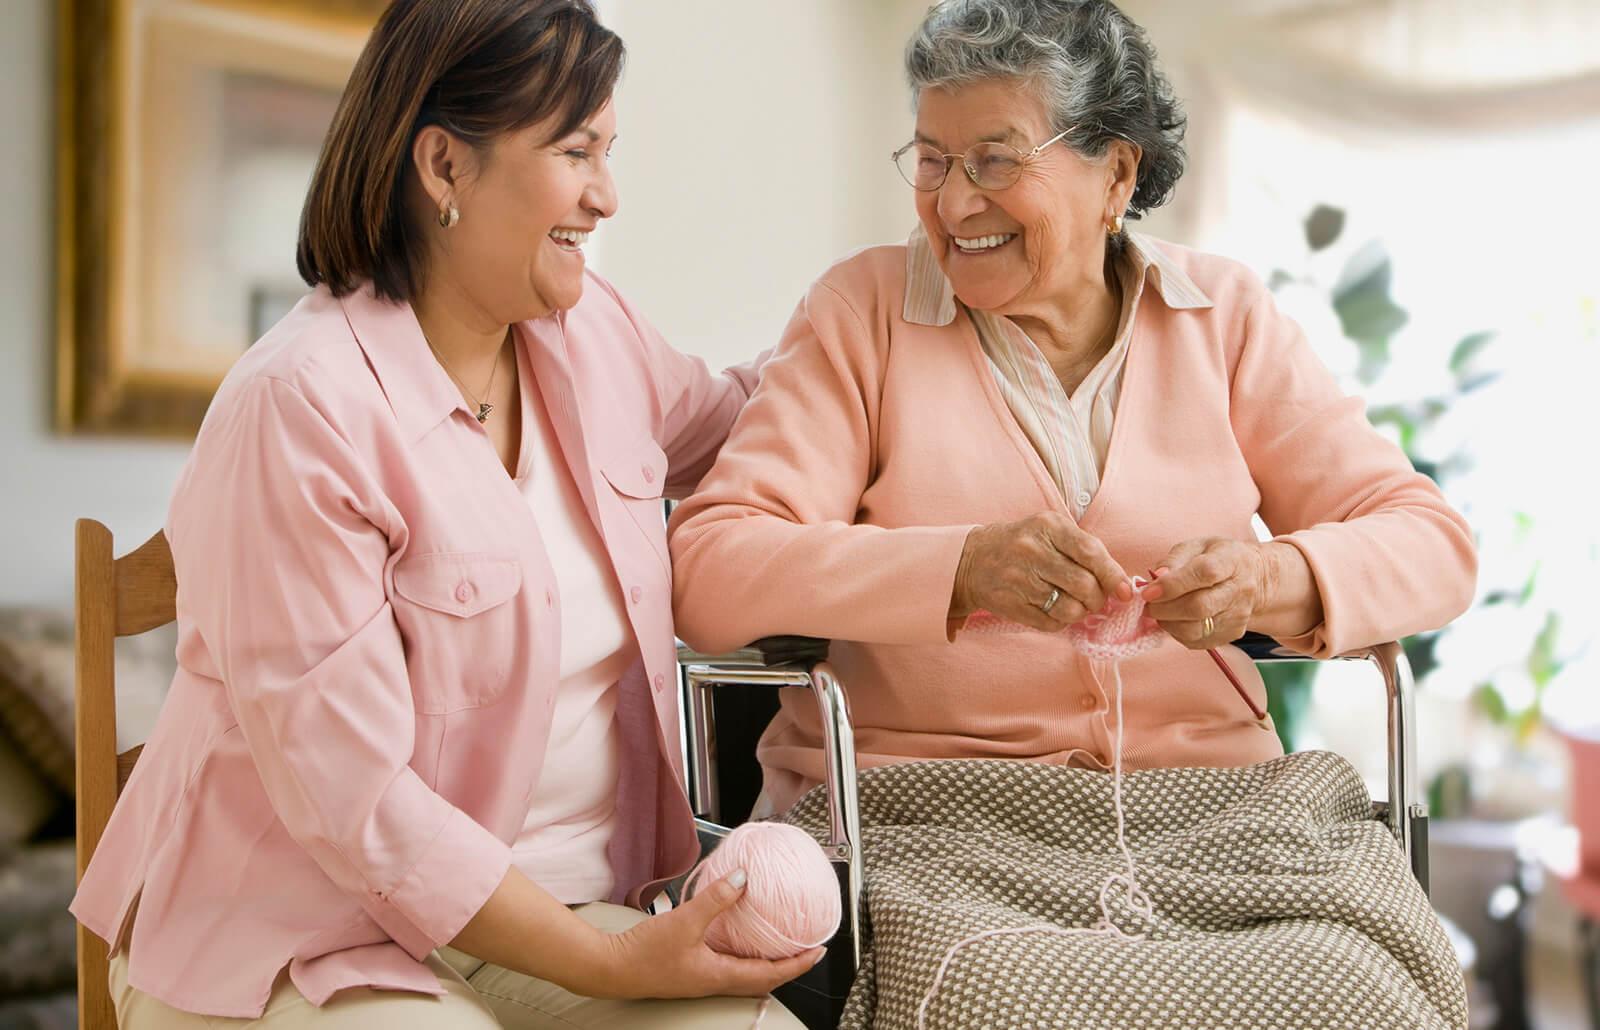 consejos-cuidar-adultos-mayores.jpg